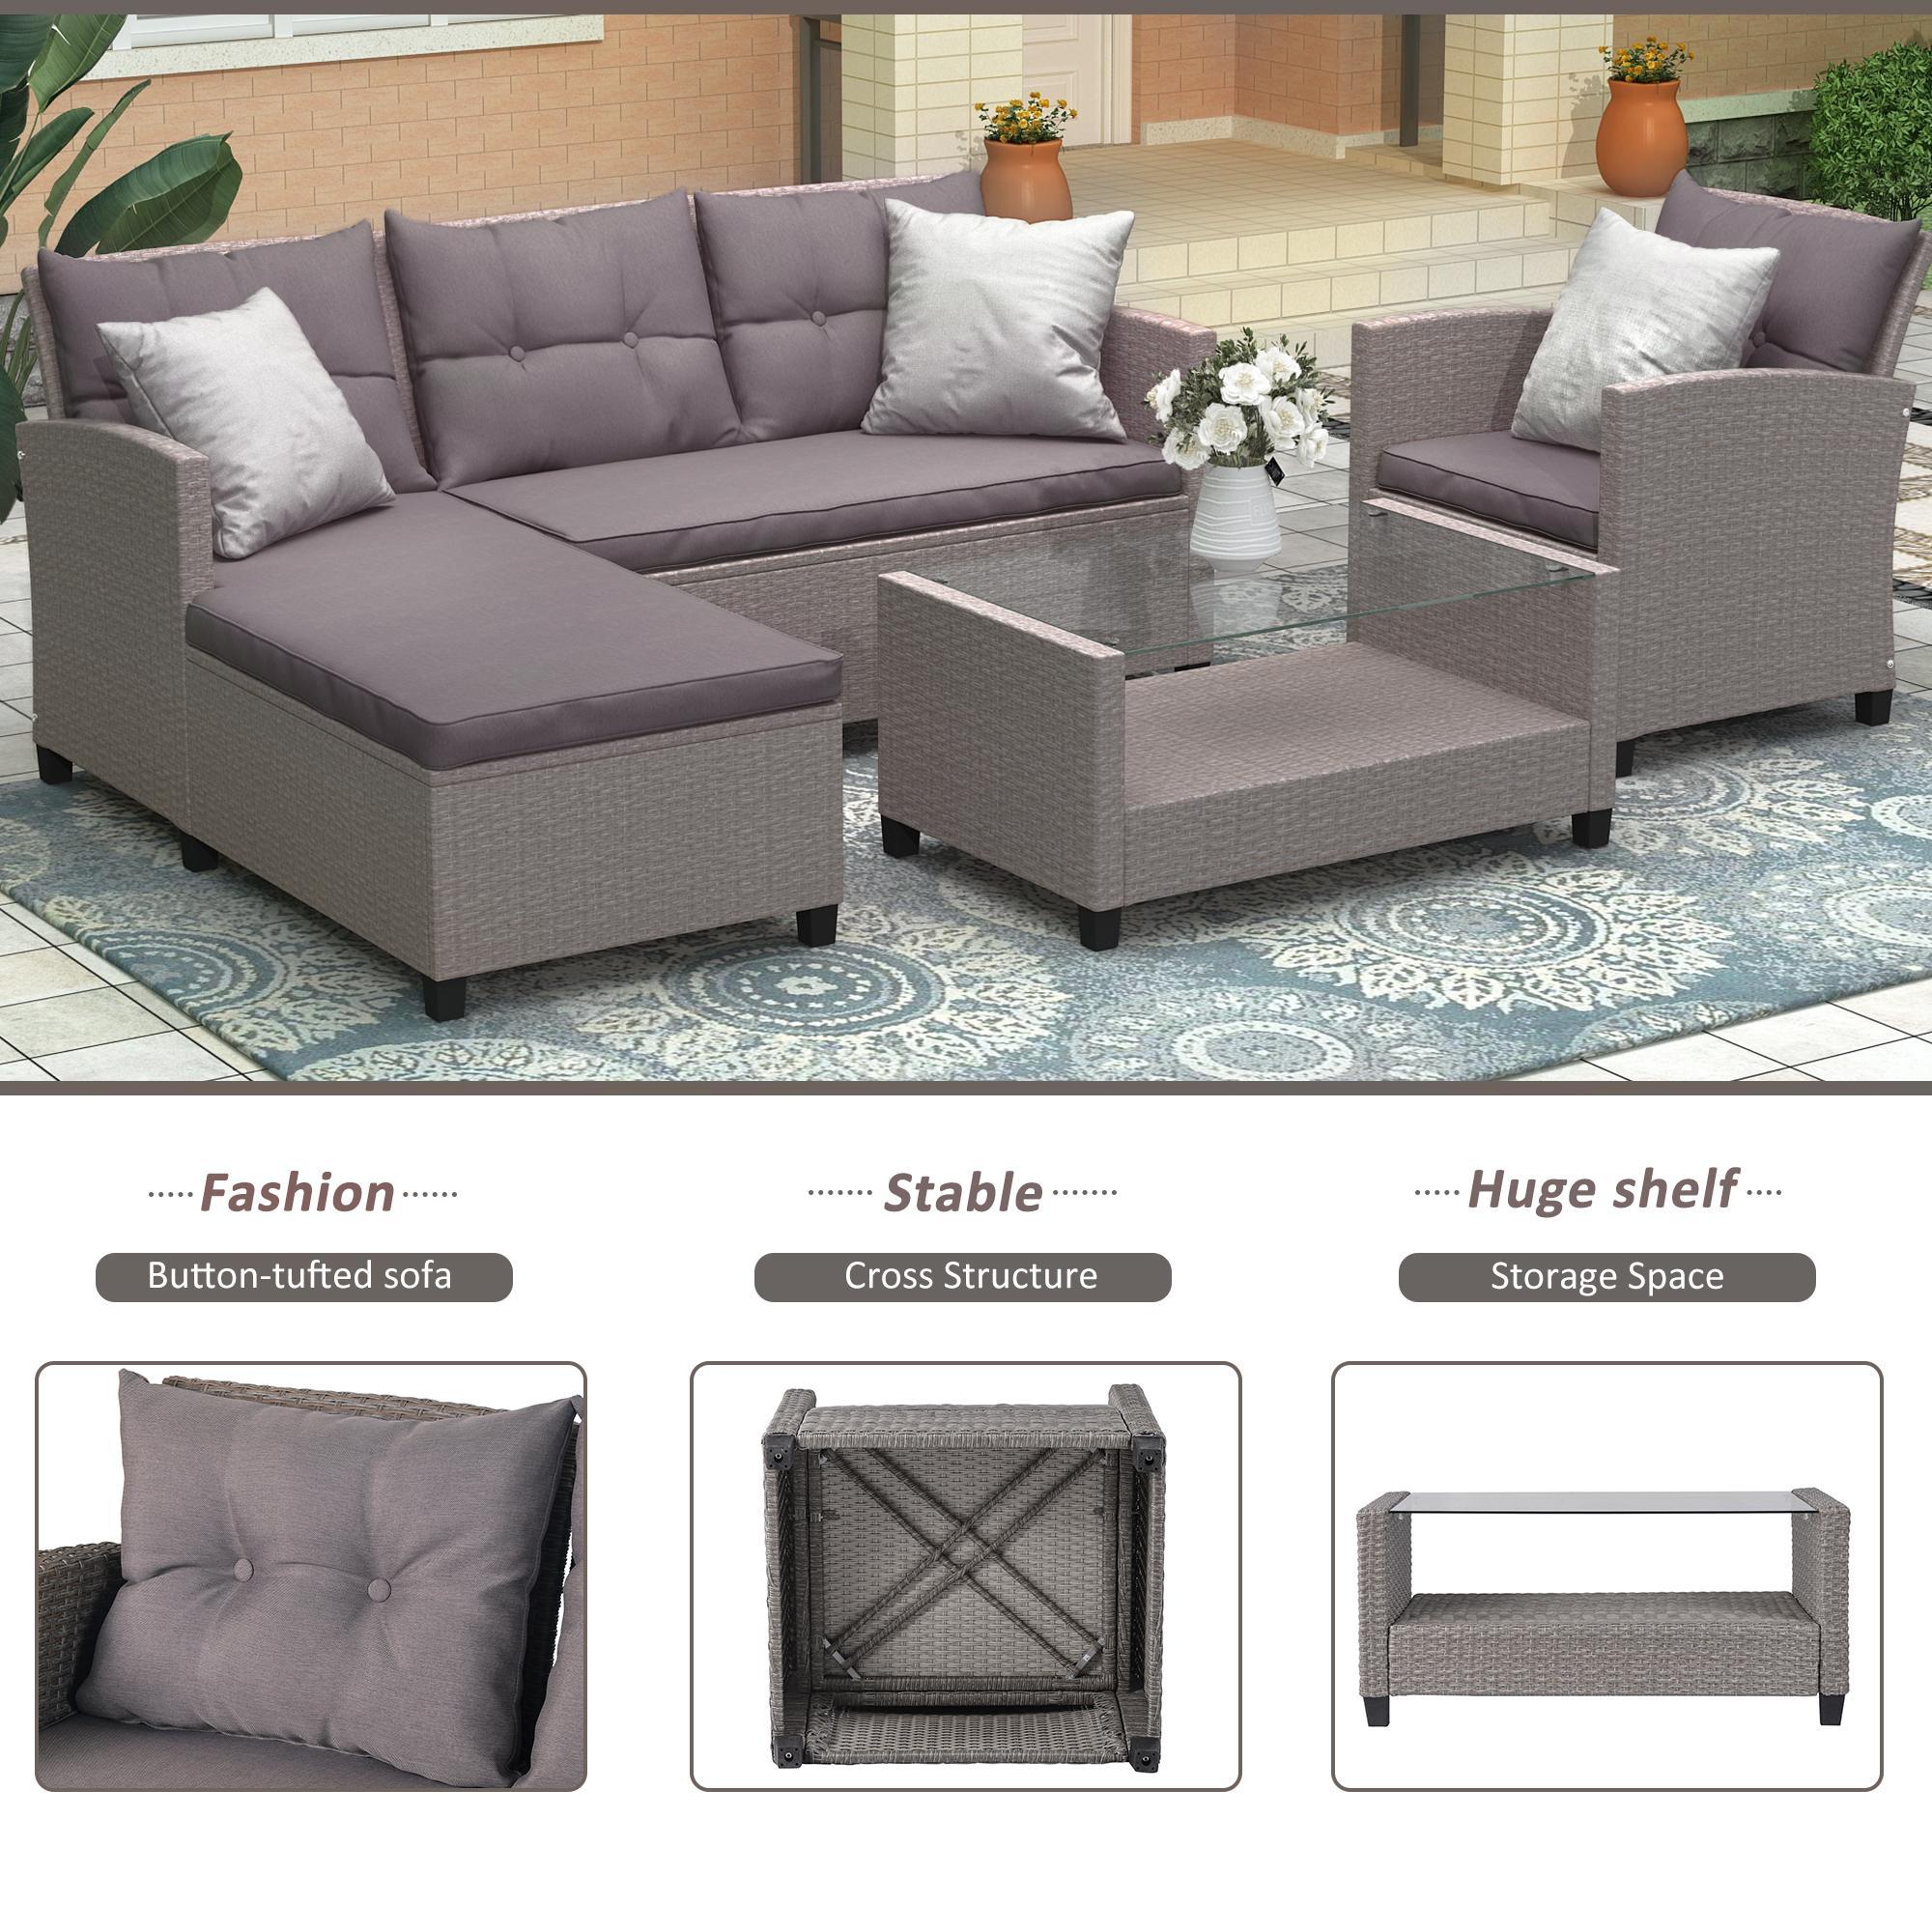 U_STYLE Salon meubles Ensembles 4 pièces Ensemble de conversation en osier Ratten Canapé avec siège coussins gris WY000066EAA